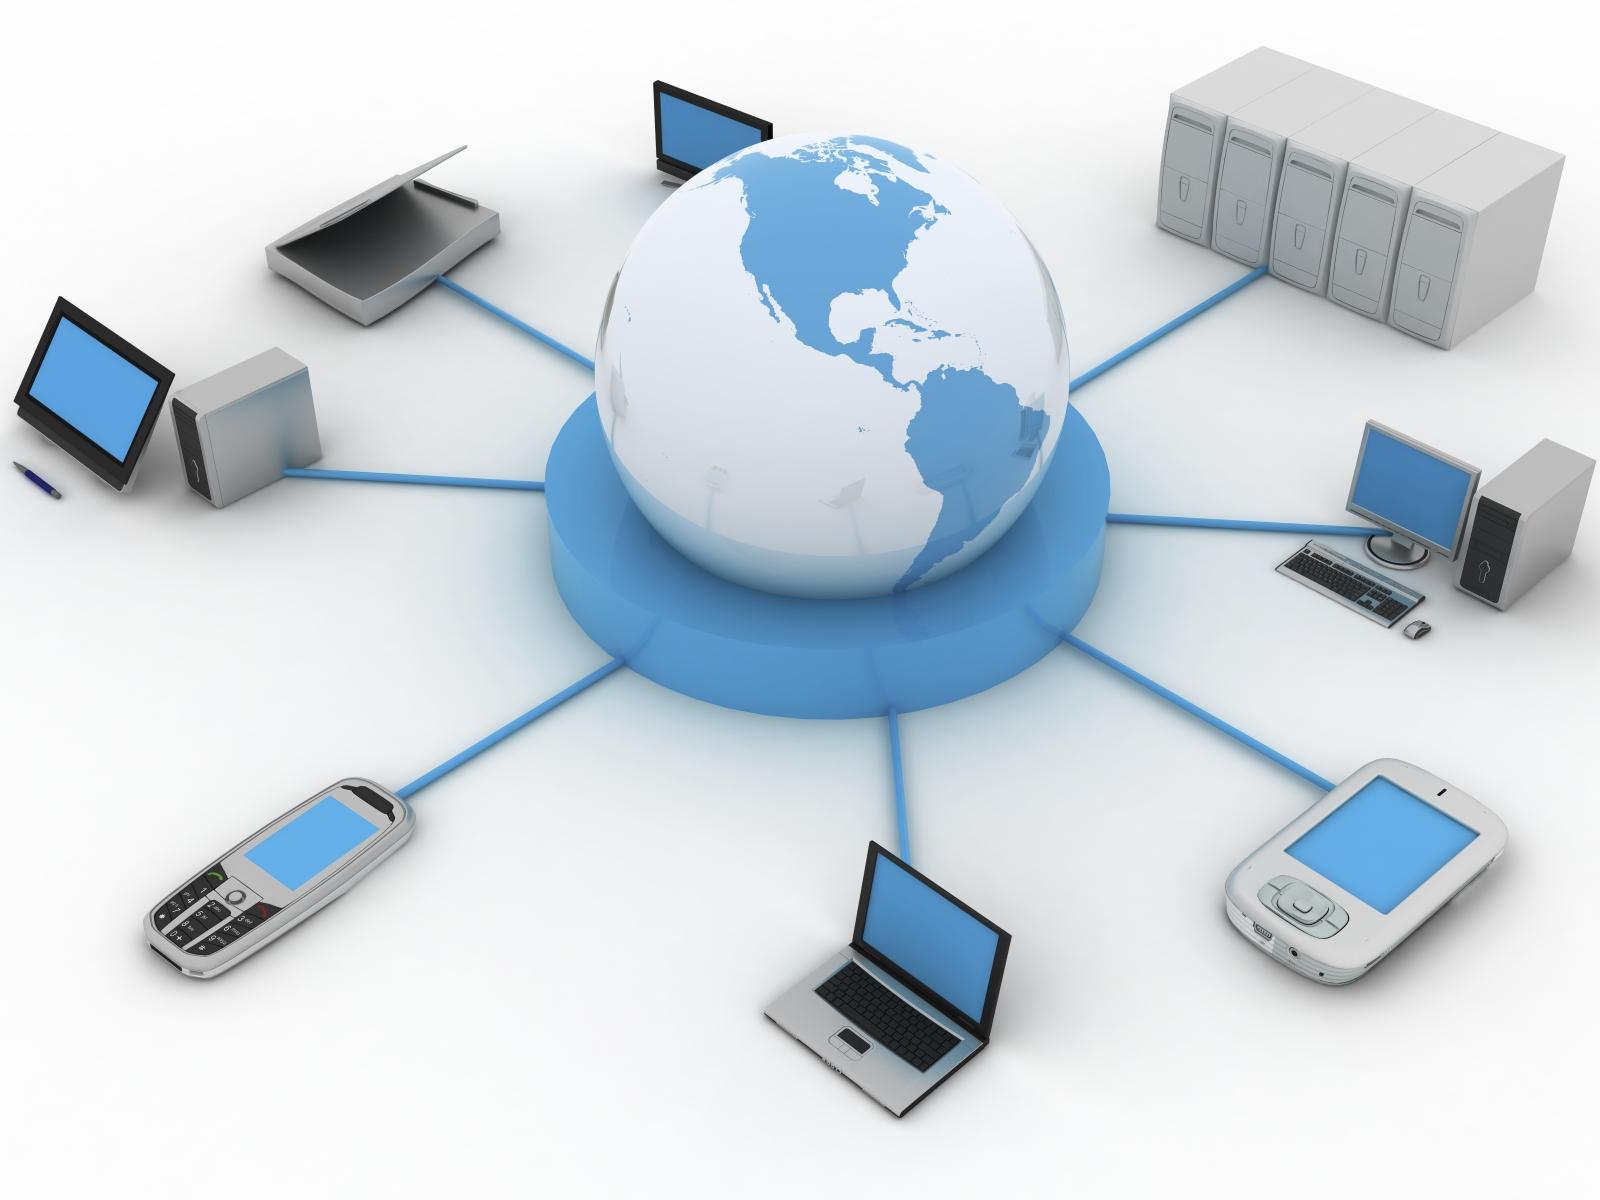 Teknologi informasi terus berkembang di dunia ini menghubungkan segala bentuk device yang ada di user